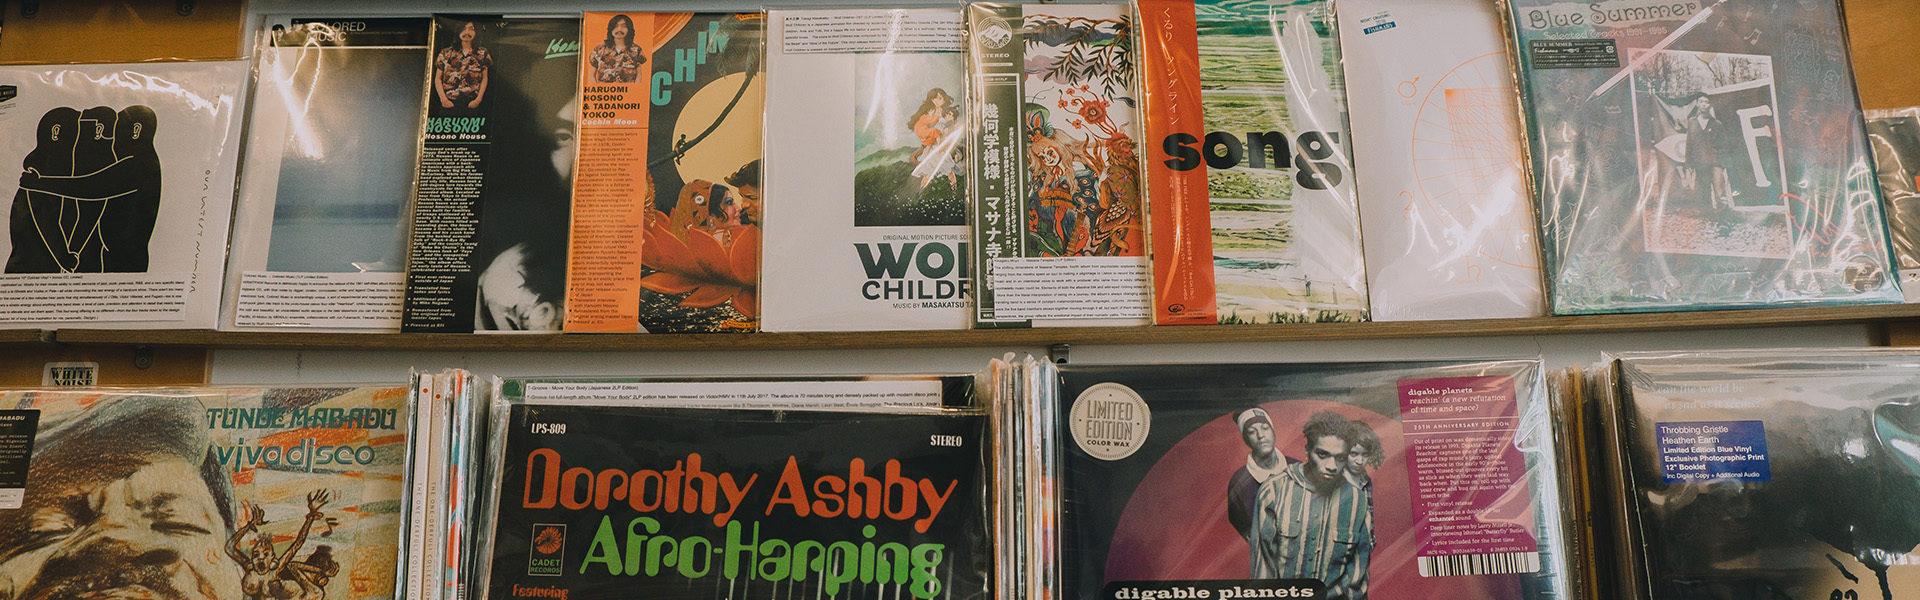 Vinyl Emporium